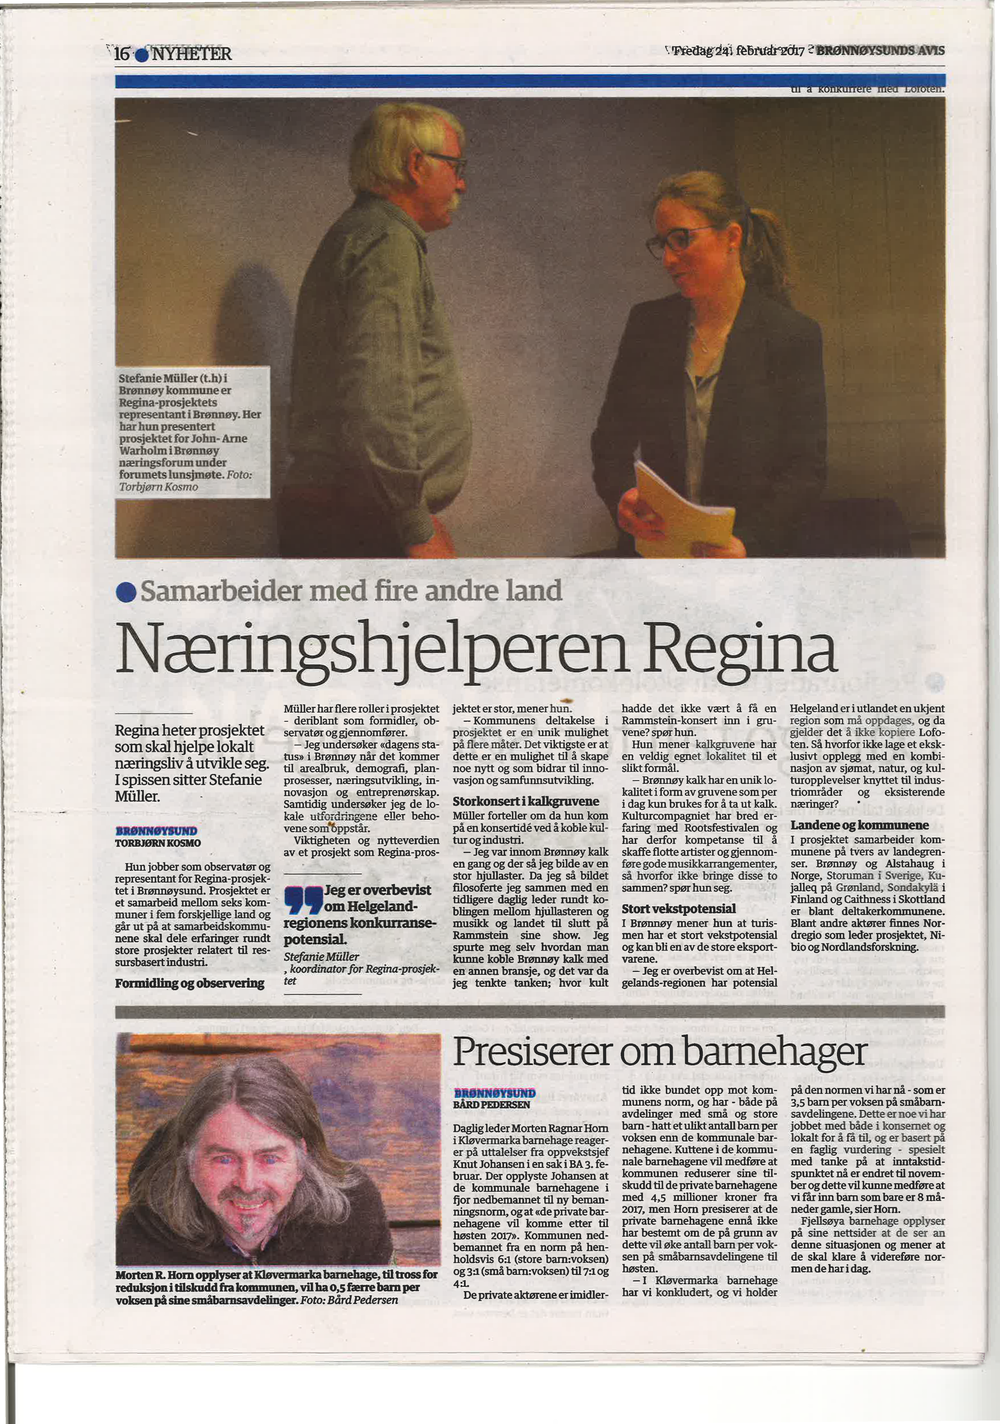 Brønnøysunds avis 24 february 2017